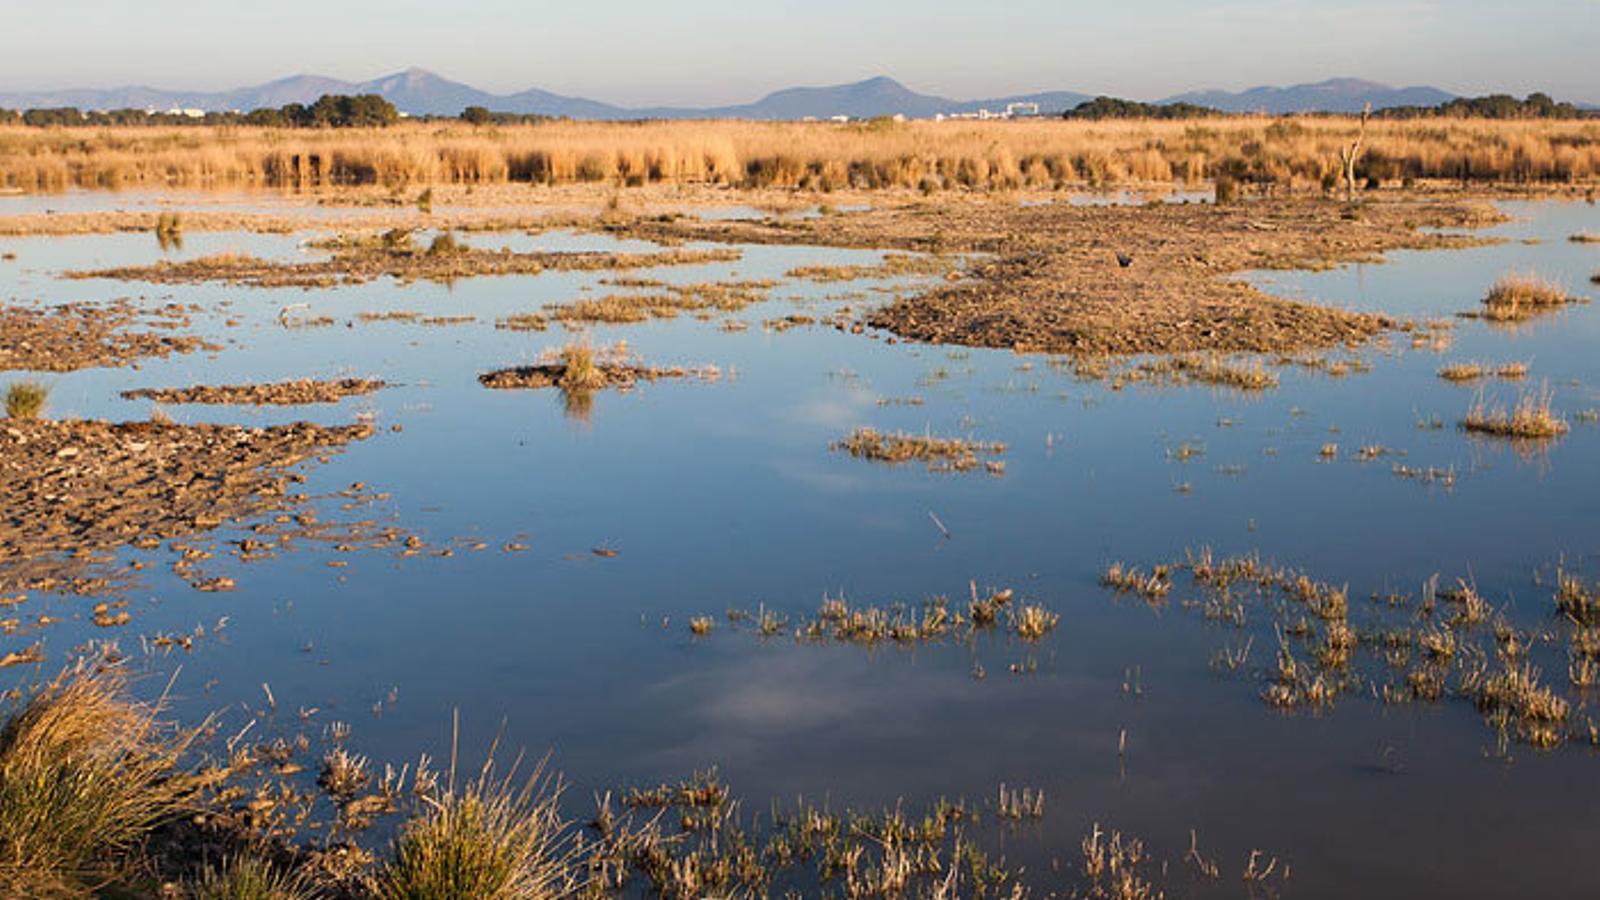 Segons el GOB, l'Albufera de Mallorca s'està salinitzant i eutrofitzant, la qual cosa s'està produint a un canvi ambiental accelerat que genera pèrdua de biodiversitat.